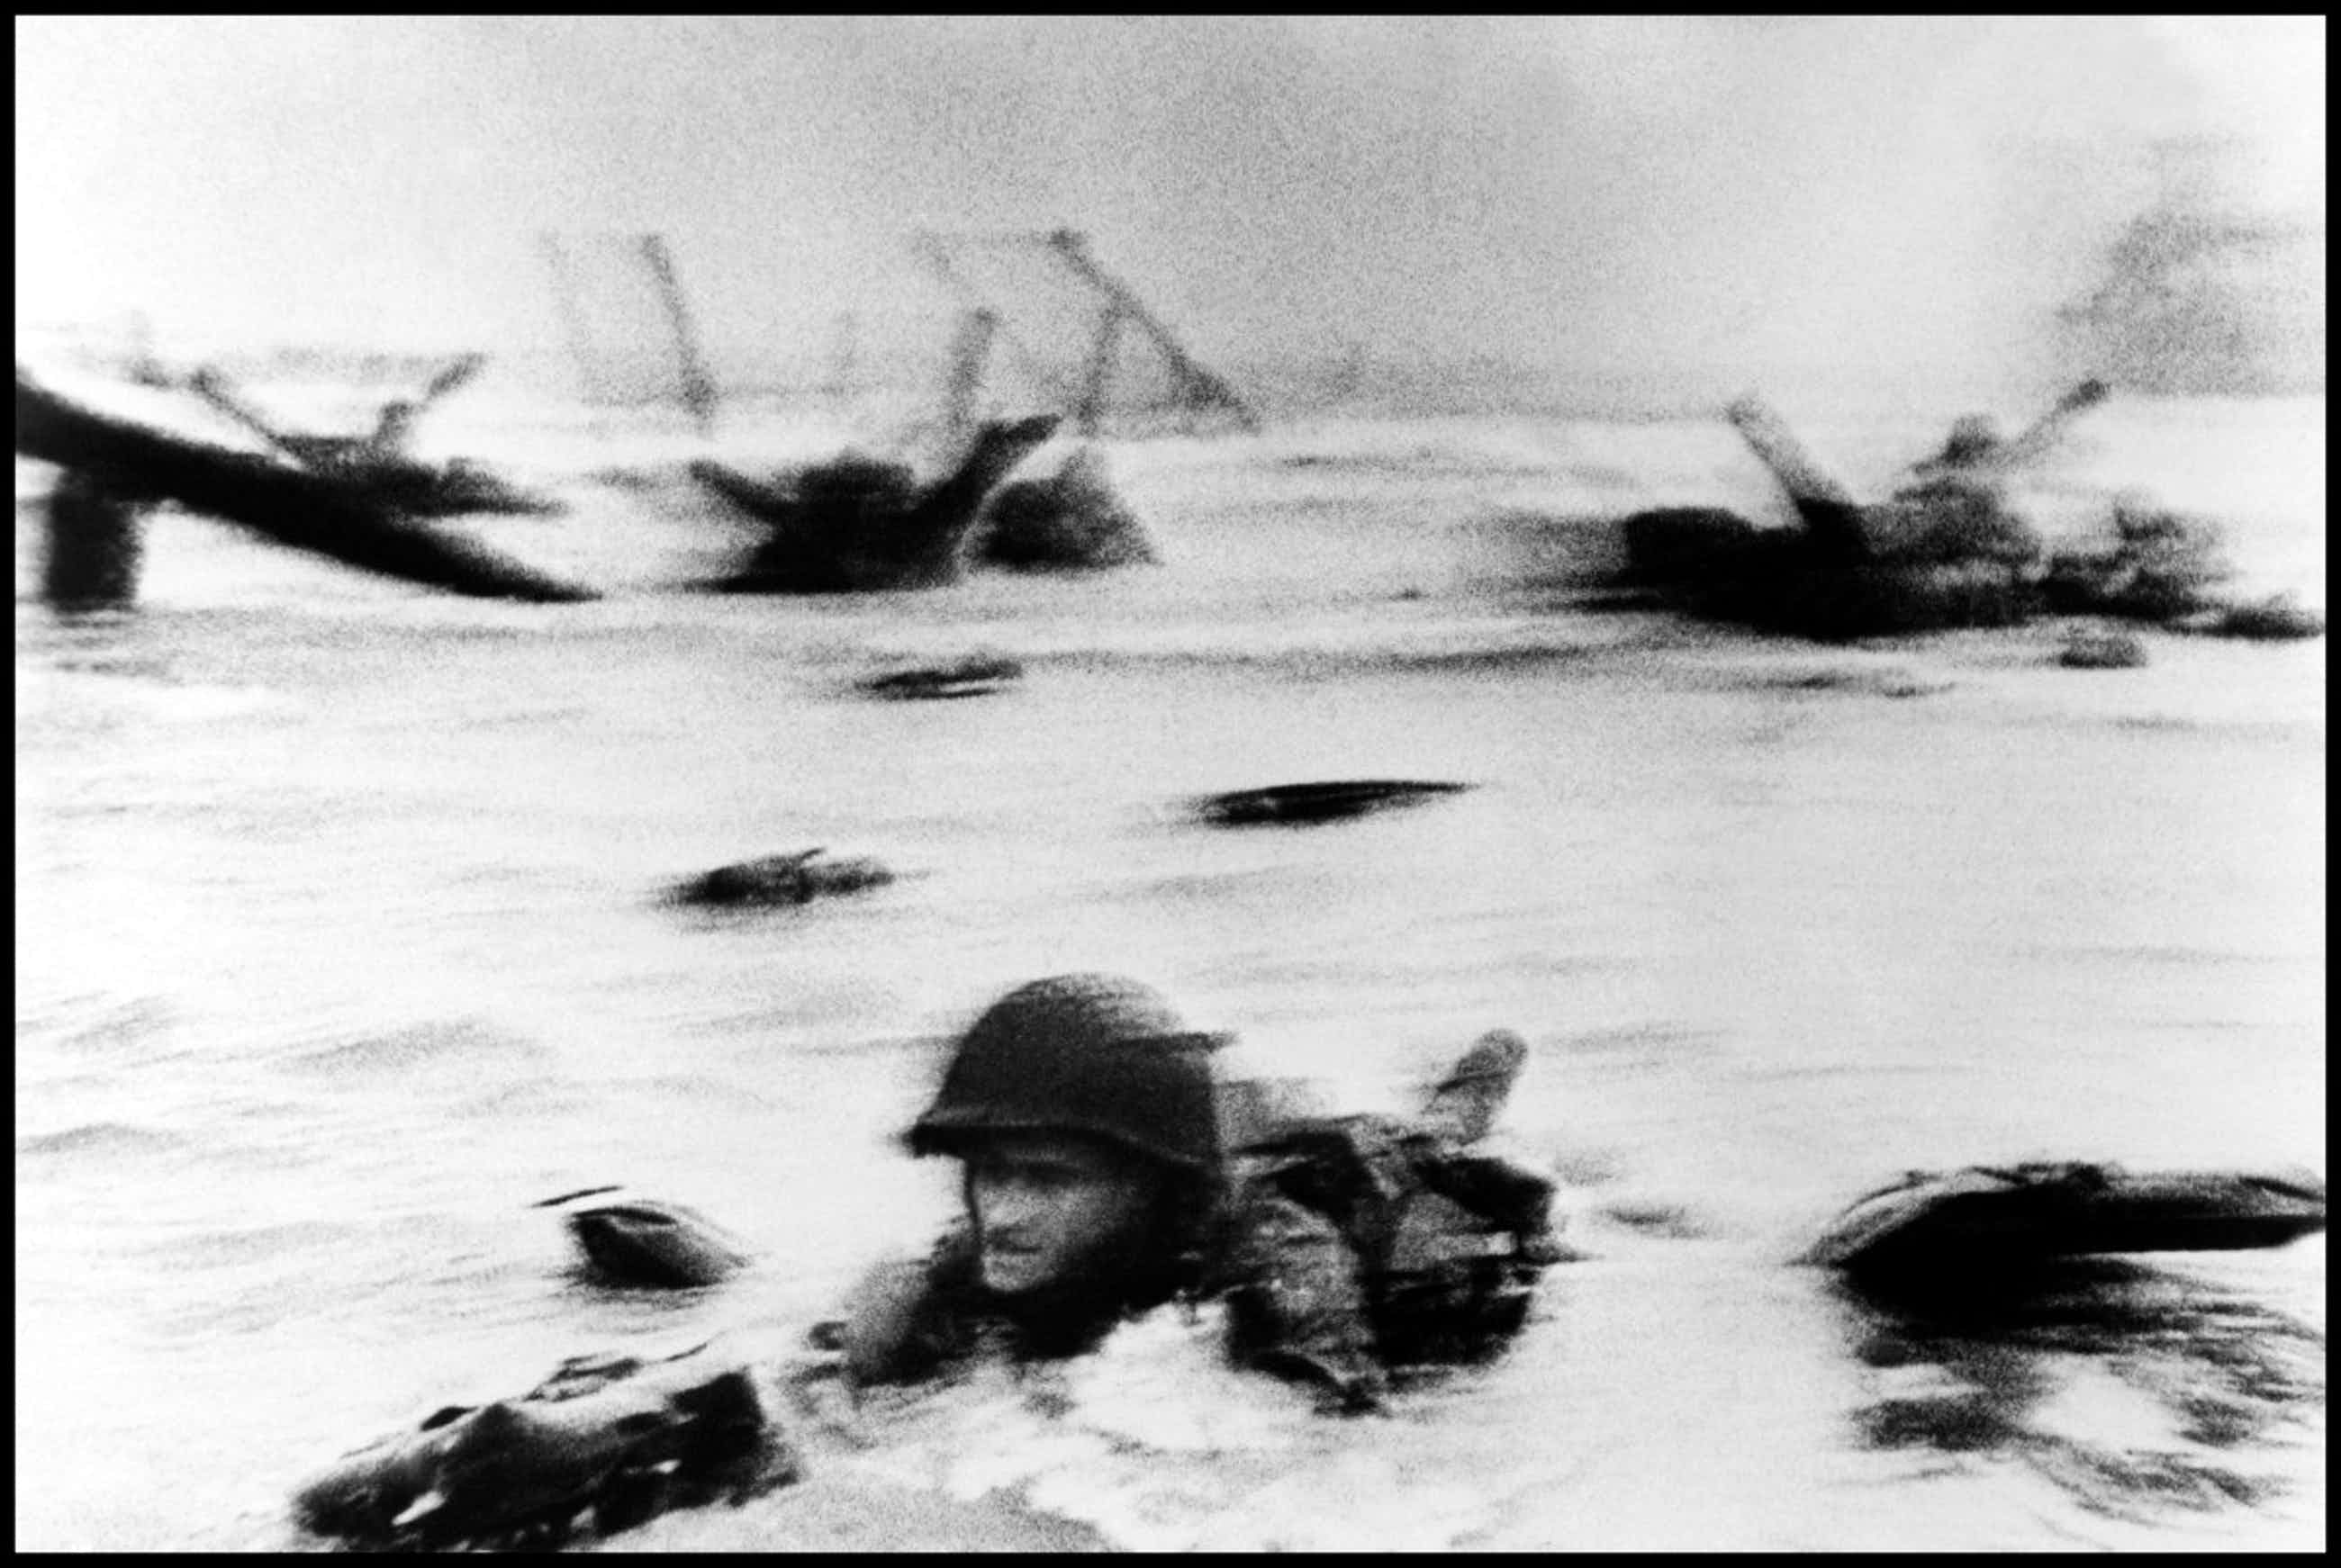 Robert Capa - Normandy, June 6th, 1944 kopen? Bied vanaf 750!